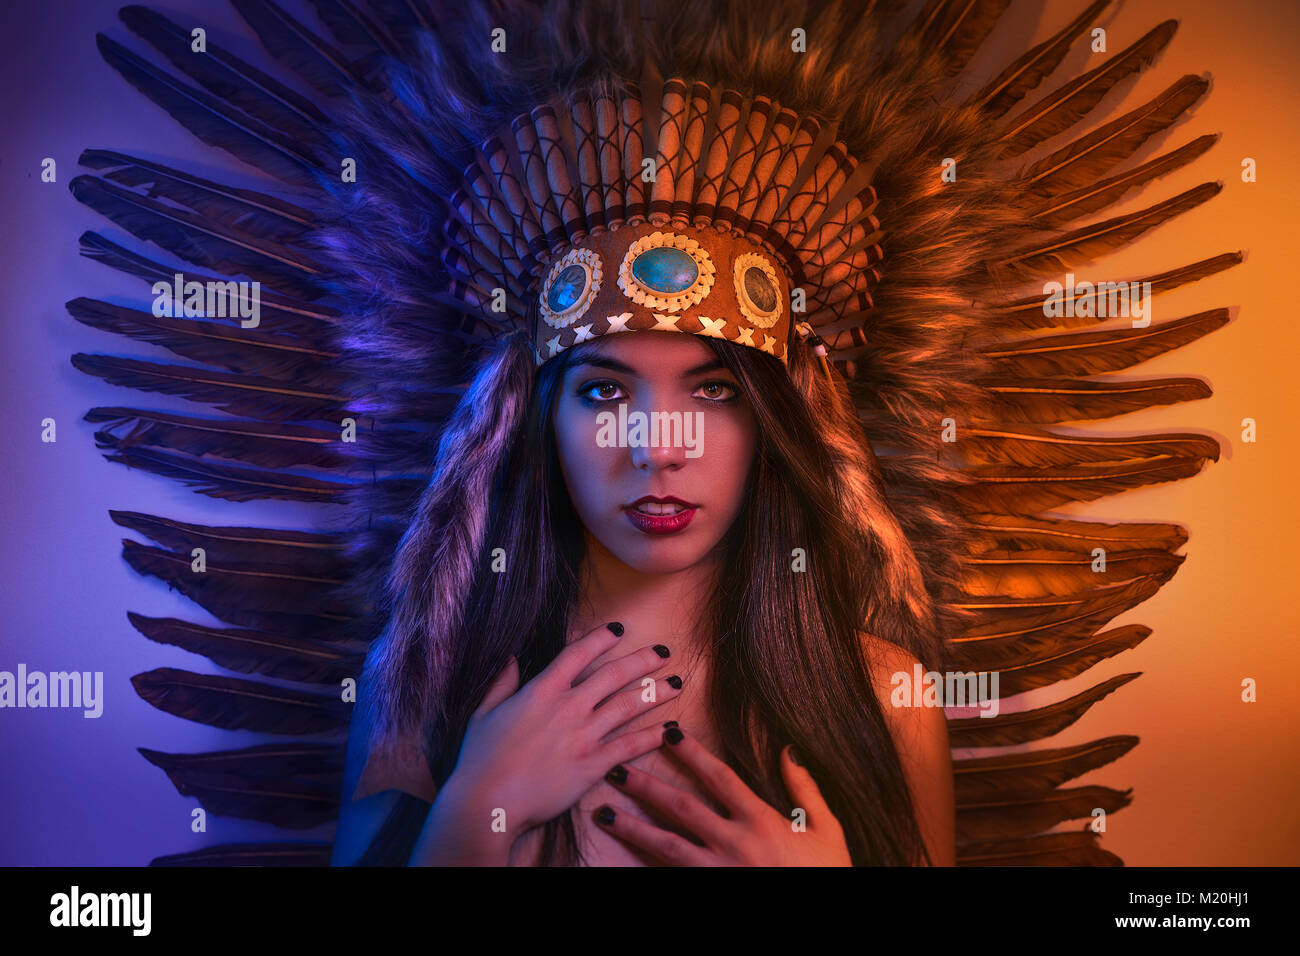 Coiffure Belle Fille Avec Panache De Plumes Des Indiens D Amerique